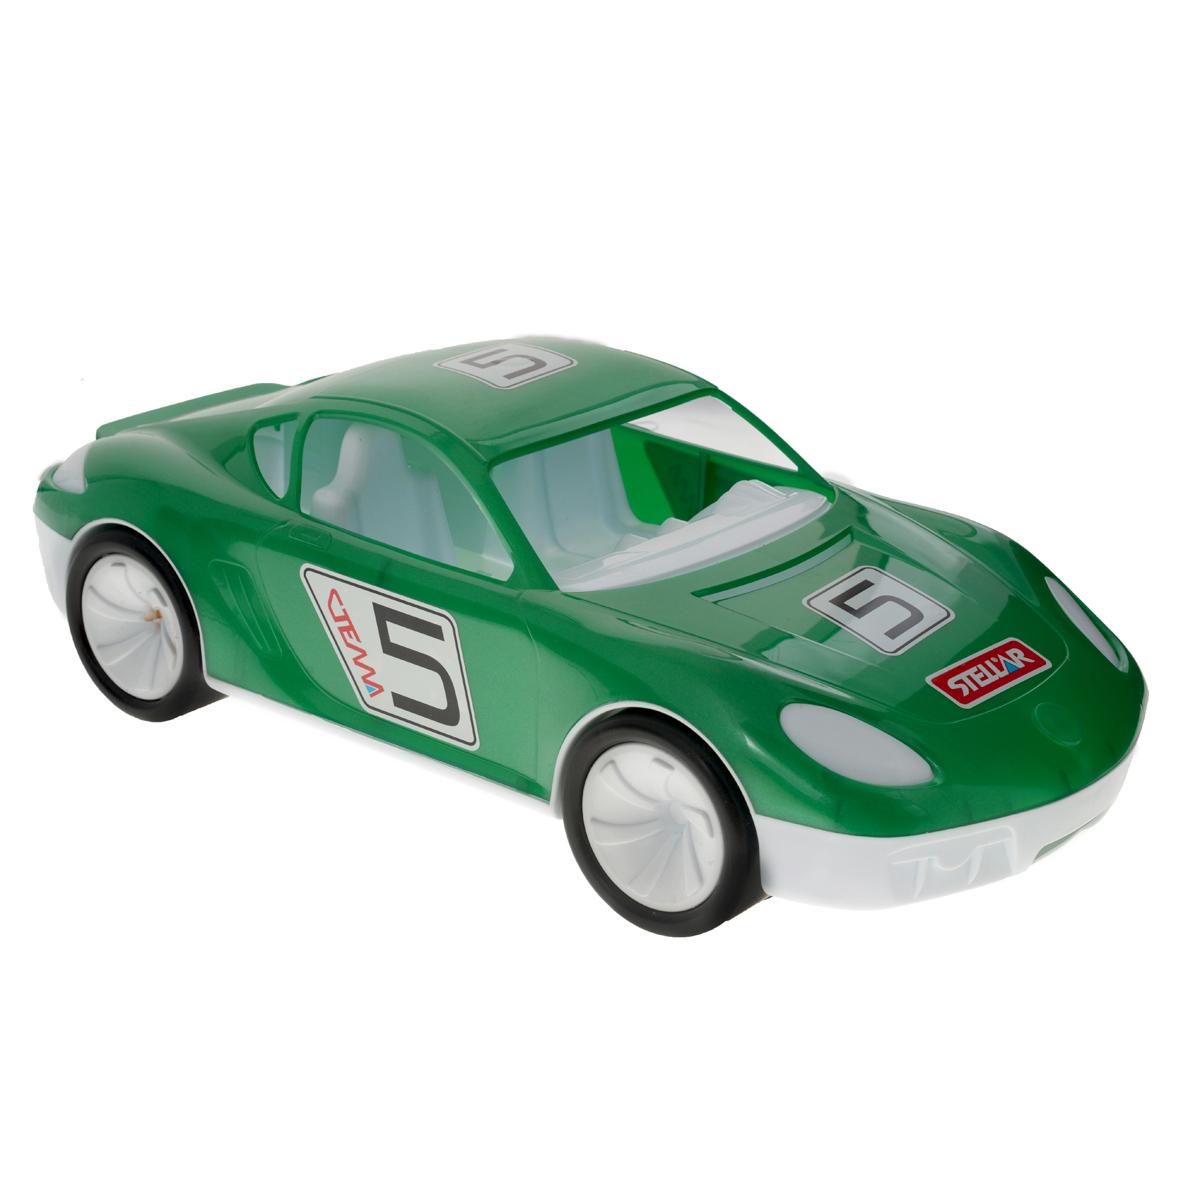 Stellar Машинка Стелла цвет зеленый1451_зеленыйМашинка Stellar Стелла обязательно понравится вашему малышу. Она привлечет внимание вашего ребенка и надолго останется его любимой игрушкой. Игрушка выполнена из яркого безопасного полипропилена в виде машинки, оформленной наклейками. В салон можно посадить несколько небольших игрушек. Колеса машинки крутятся. Можно привязать веревочку, и малыш с радостью будет возить машинку за собой. Игрушка развивает концентрацию внимания, координацию движений, мелкую моторику рук, цветовое восприятие и воображение. Малыш будет в восторге от такого подарка!